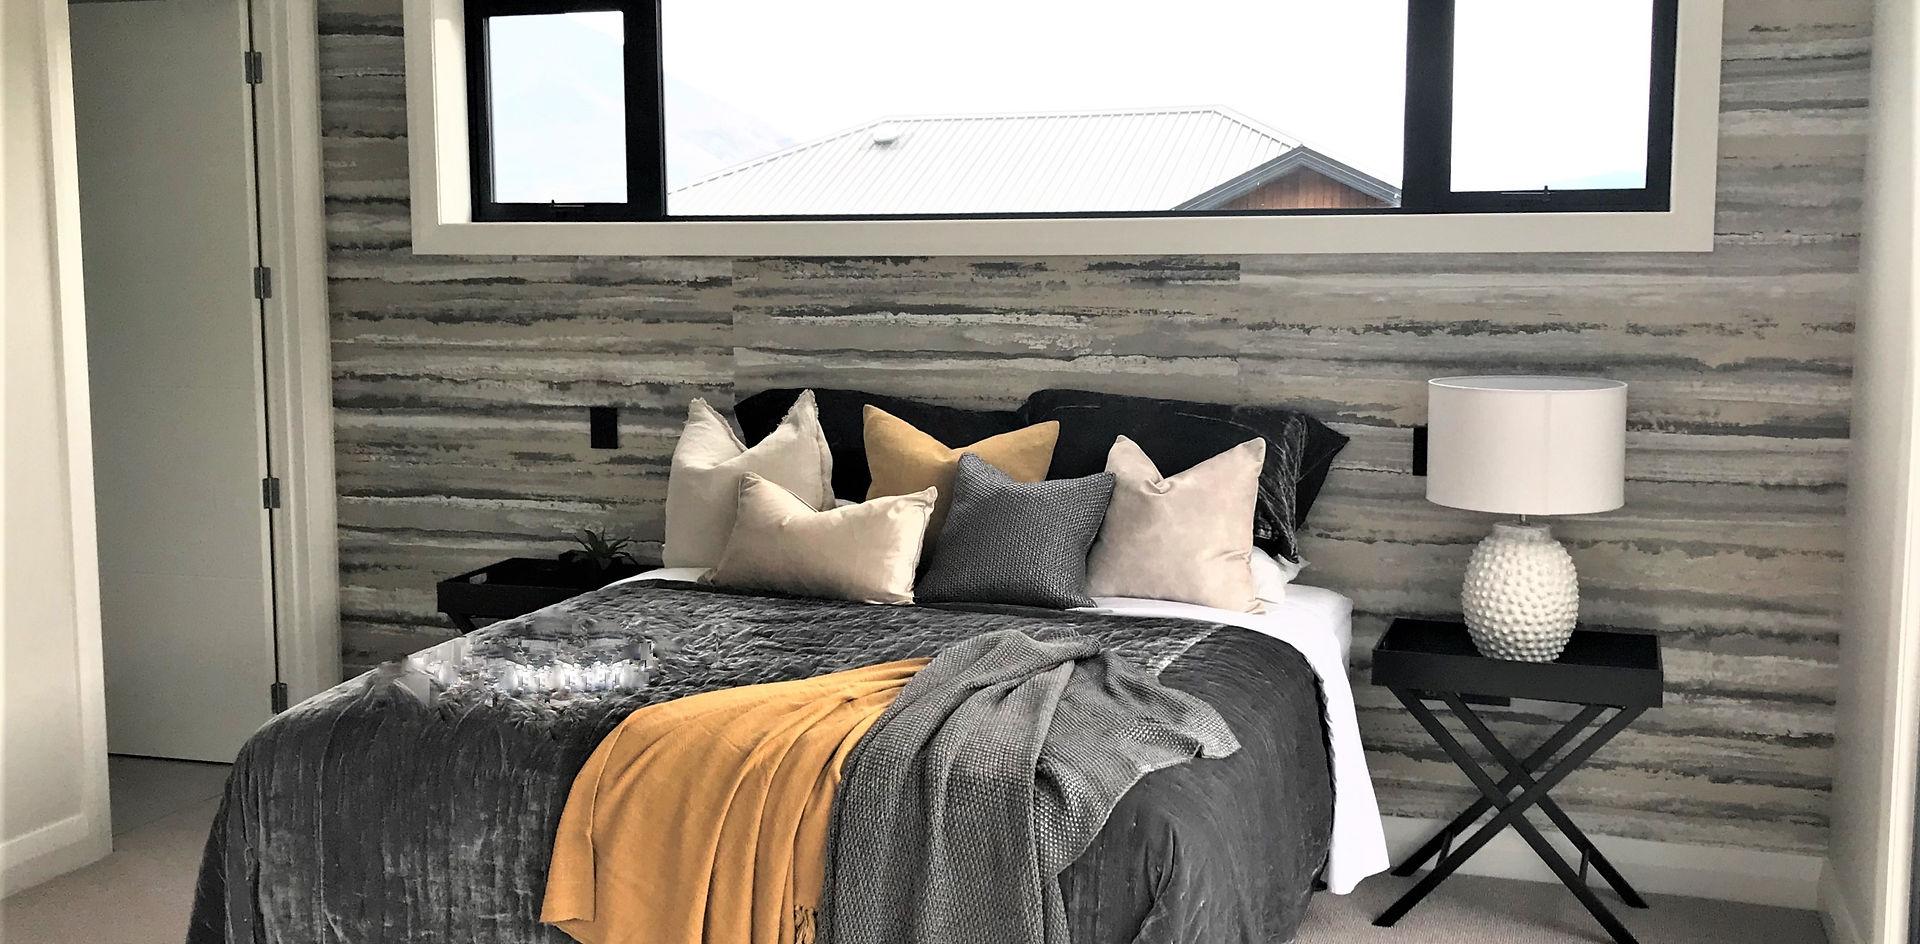 RNP Homes - Master bedroom